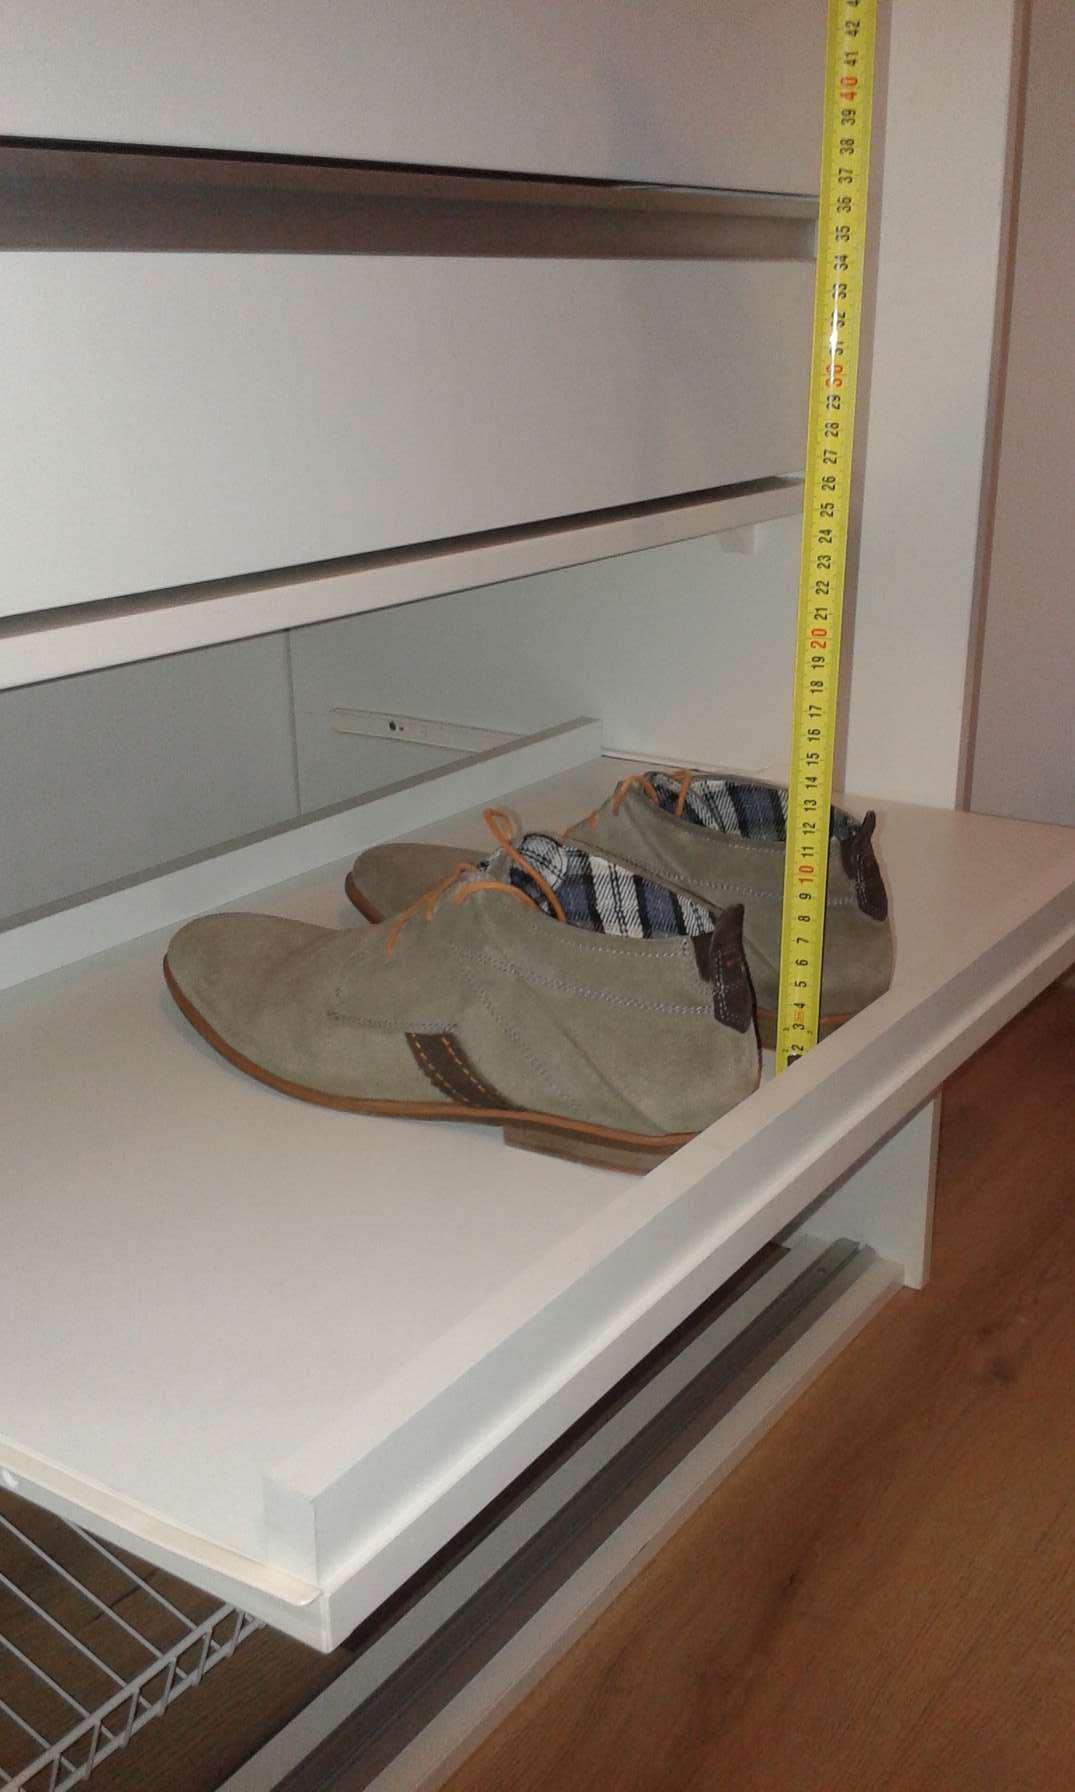 Kihúzható polcos cipőtároló a szekrényben